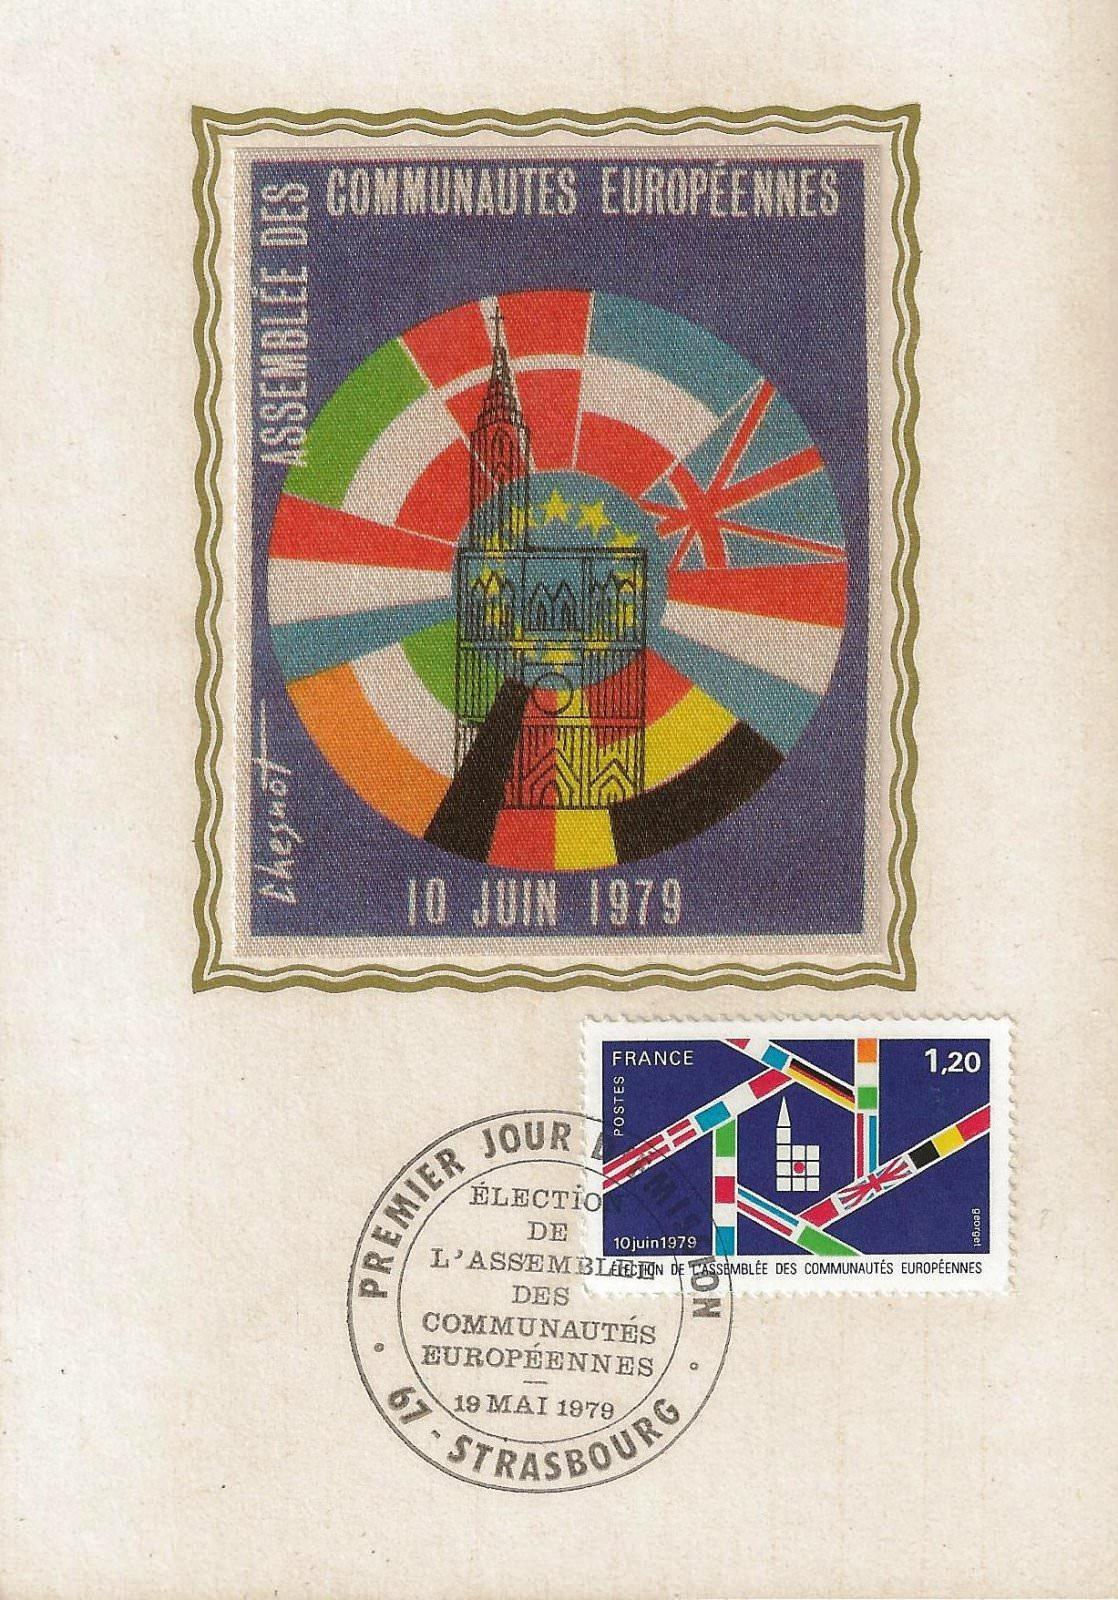 1979ASSEMBLEE DES COMMUNAUTES EUROPEENNES